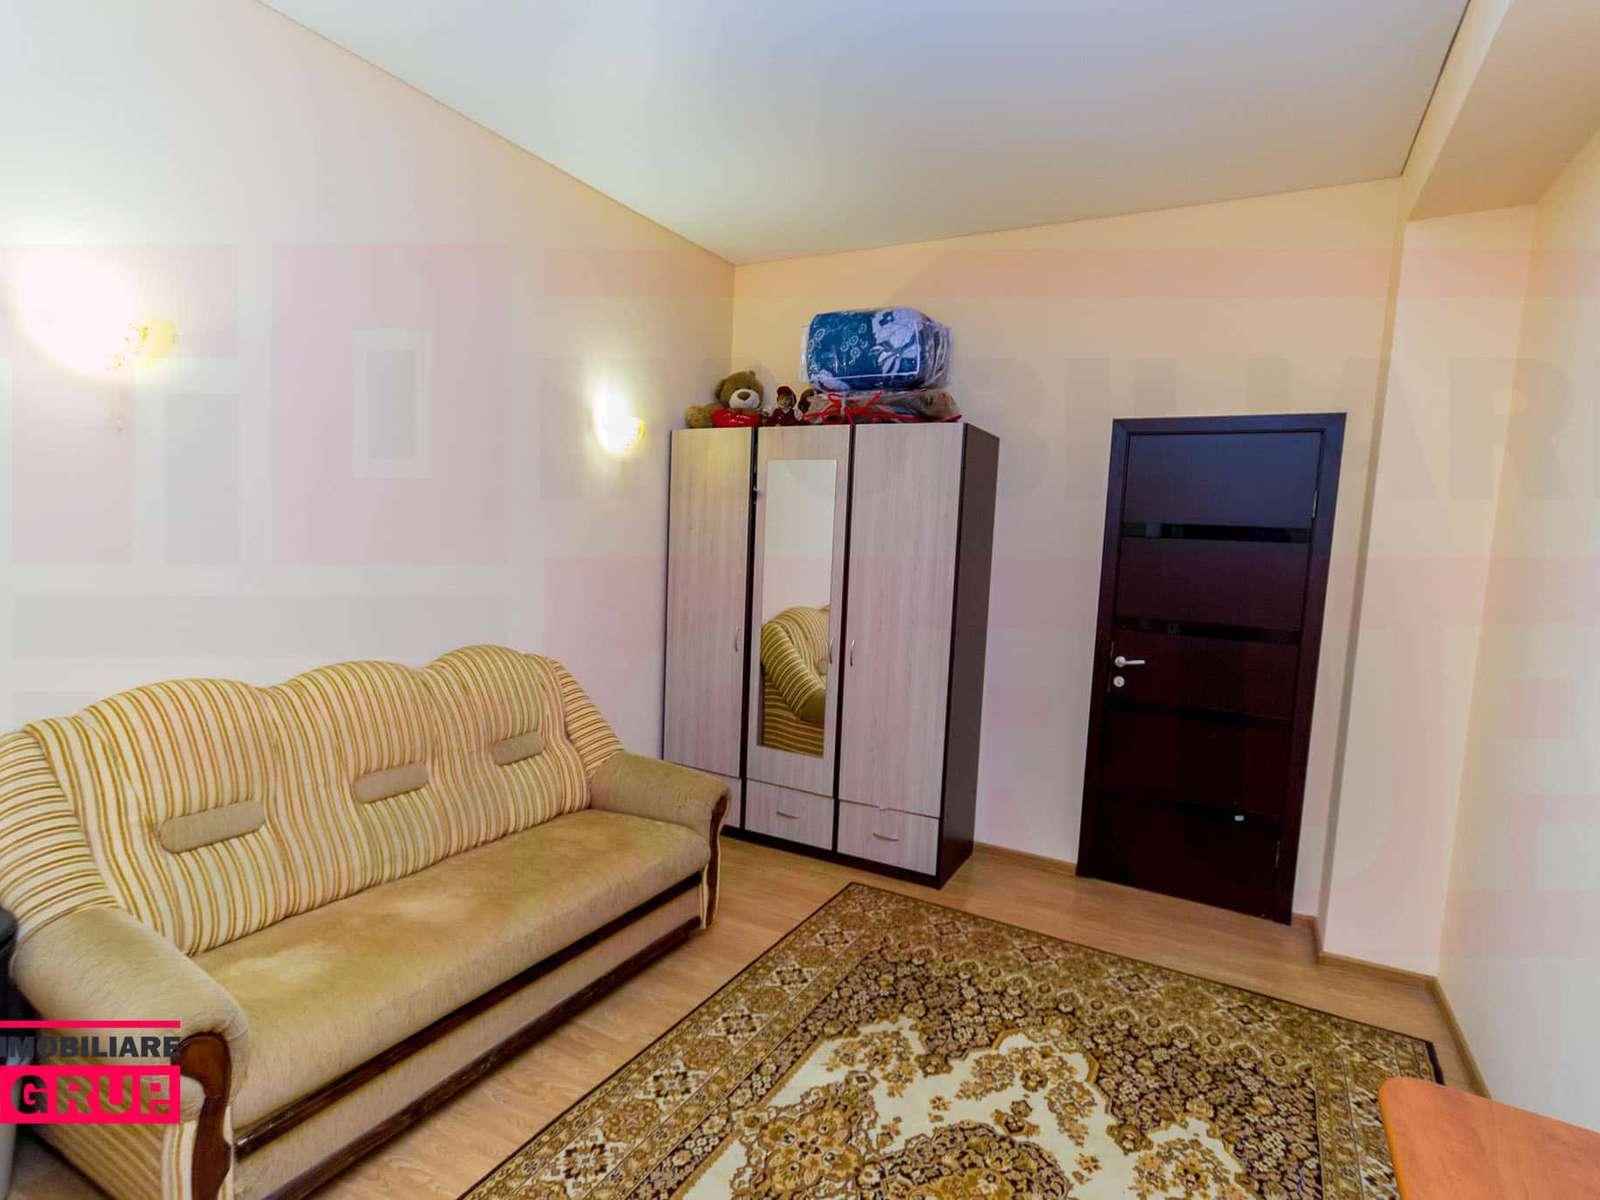 Vînd urgent apartament cu 2 camere, Poșta veche